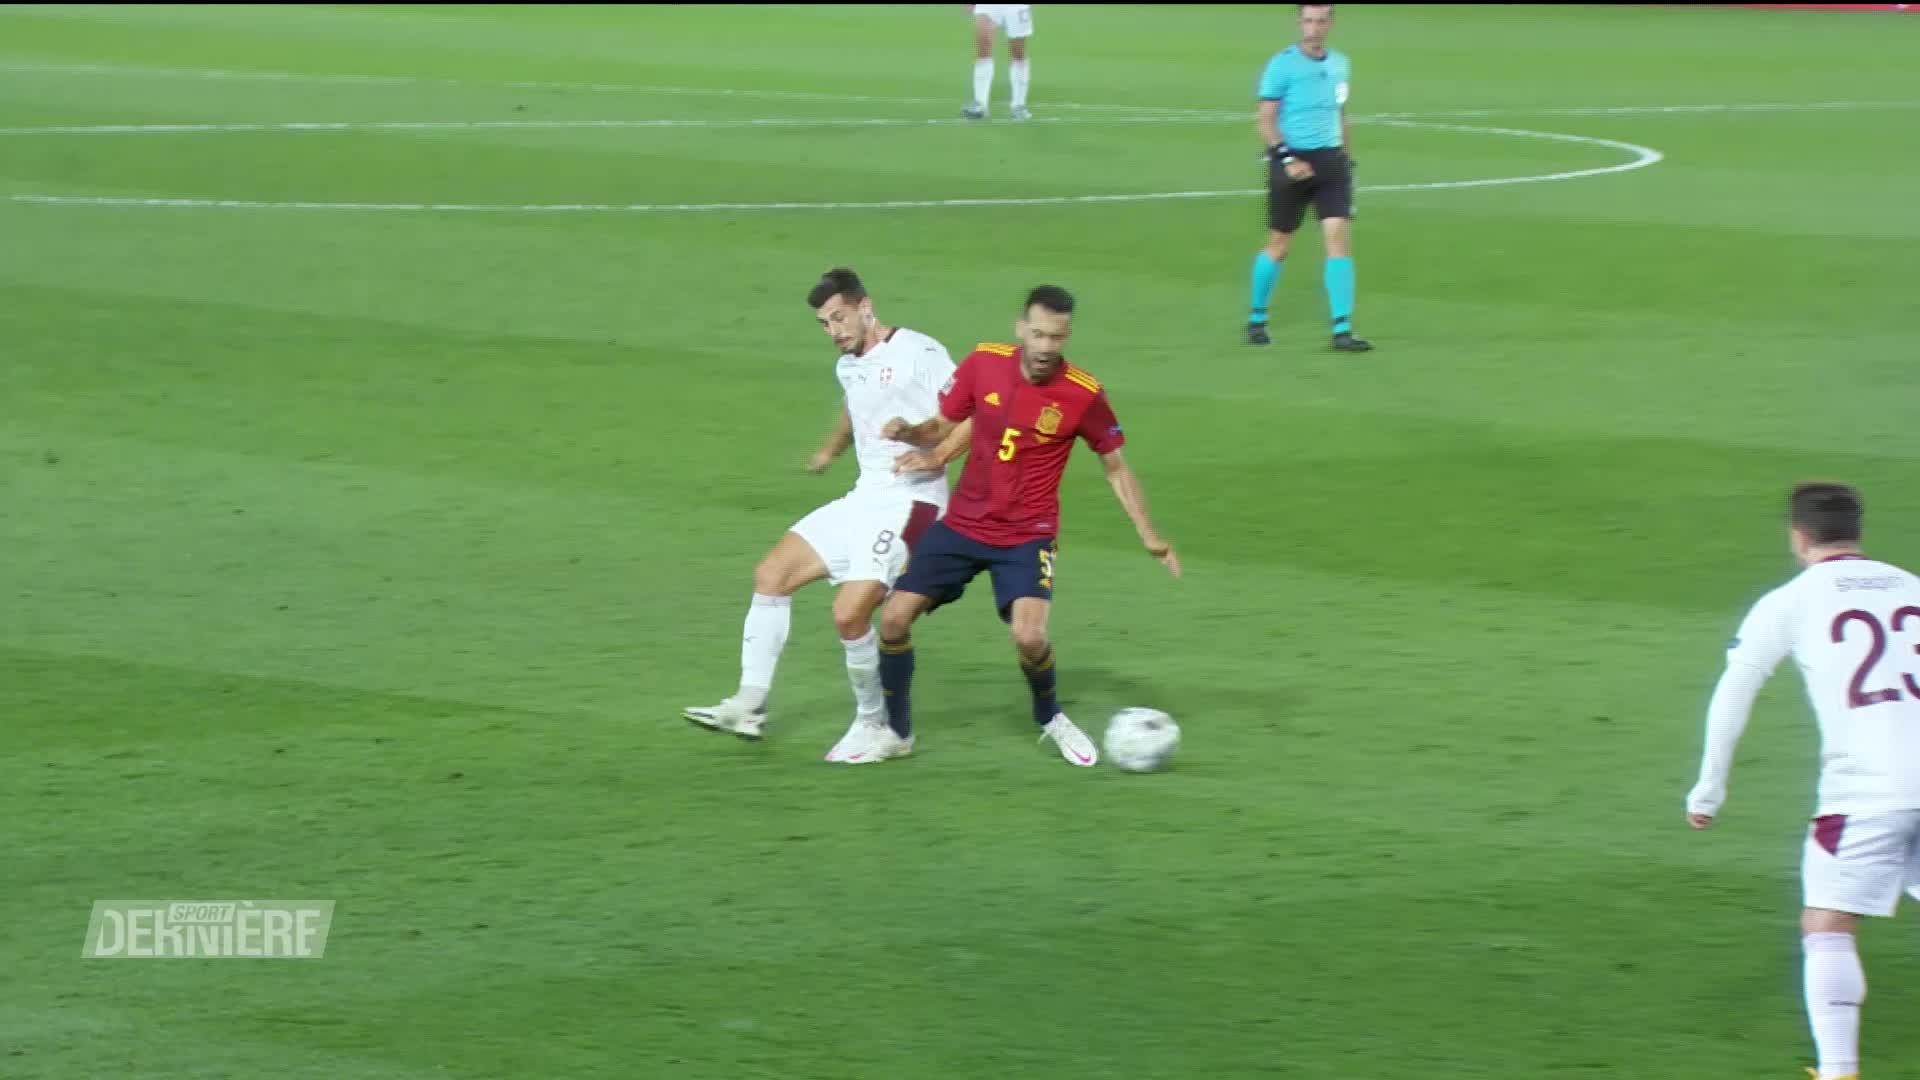 VIDÉOS | L'Allemagne tenue en échec 3-3 par la Suisse